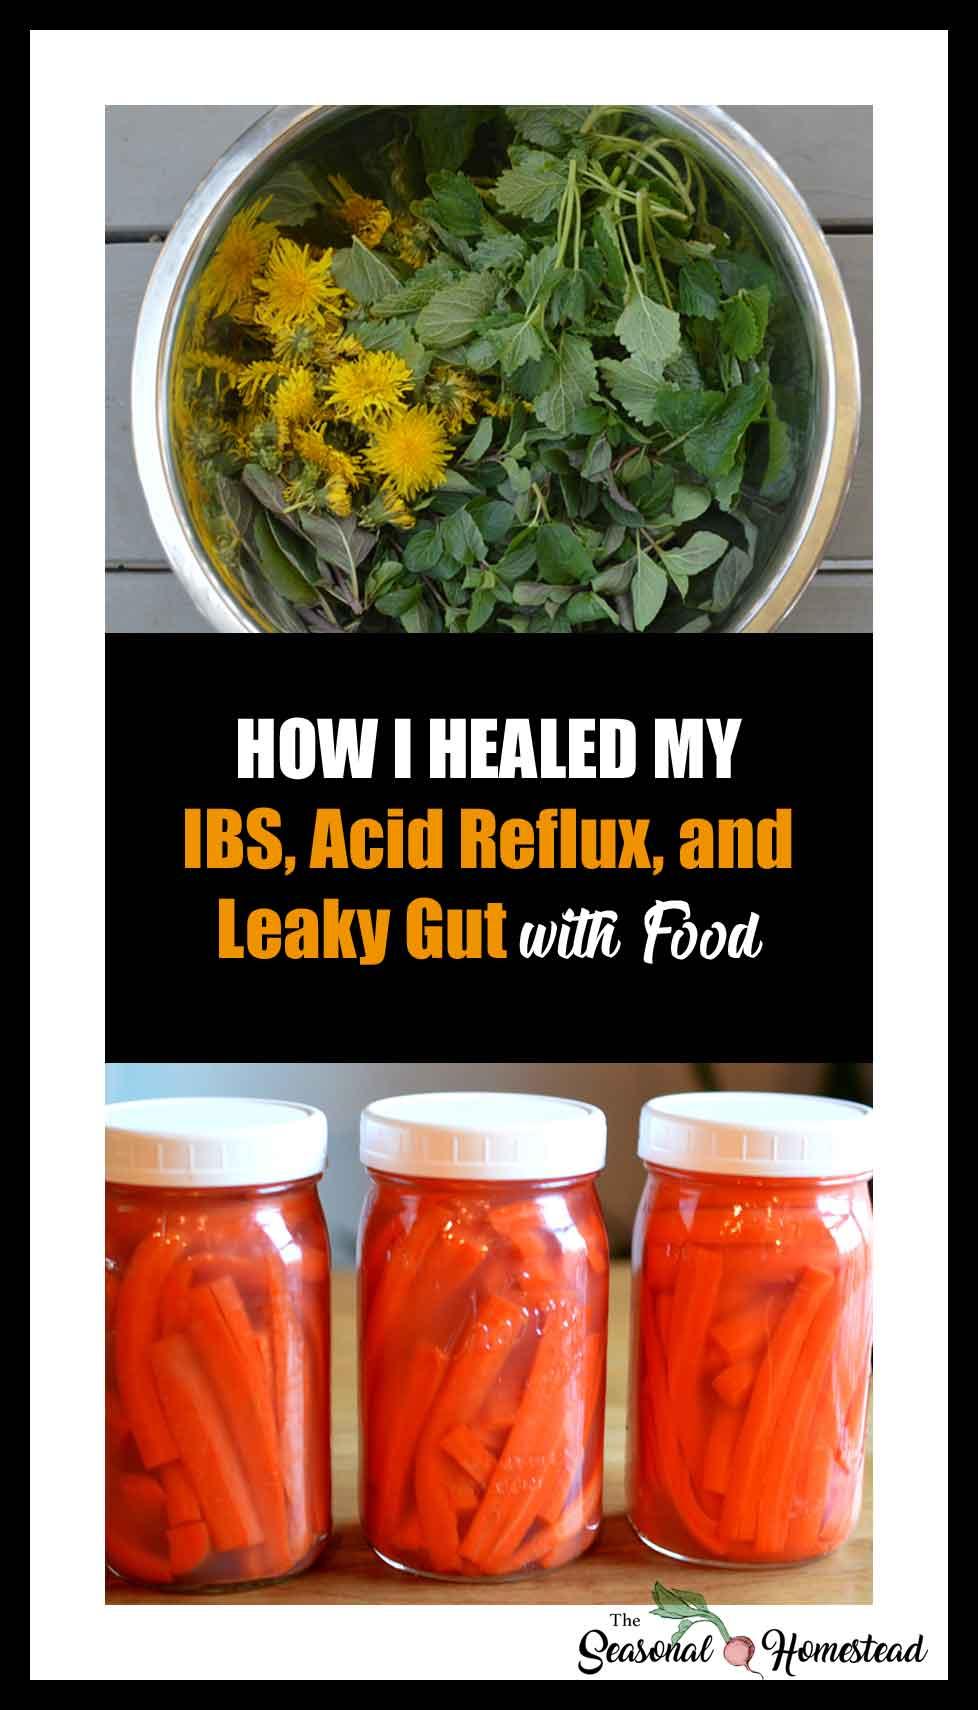 How-I-healed-my-IBS-Acid-Reflux-Leaky-Gut.jpg